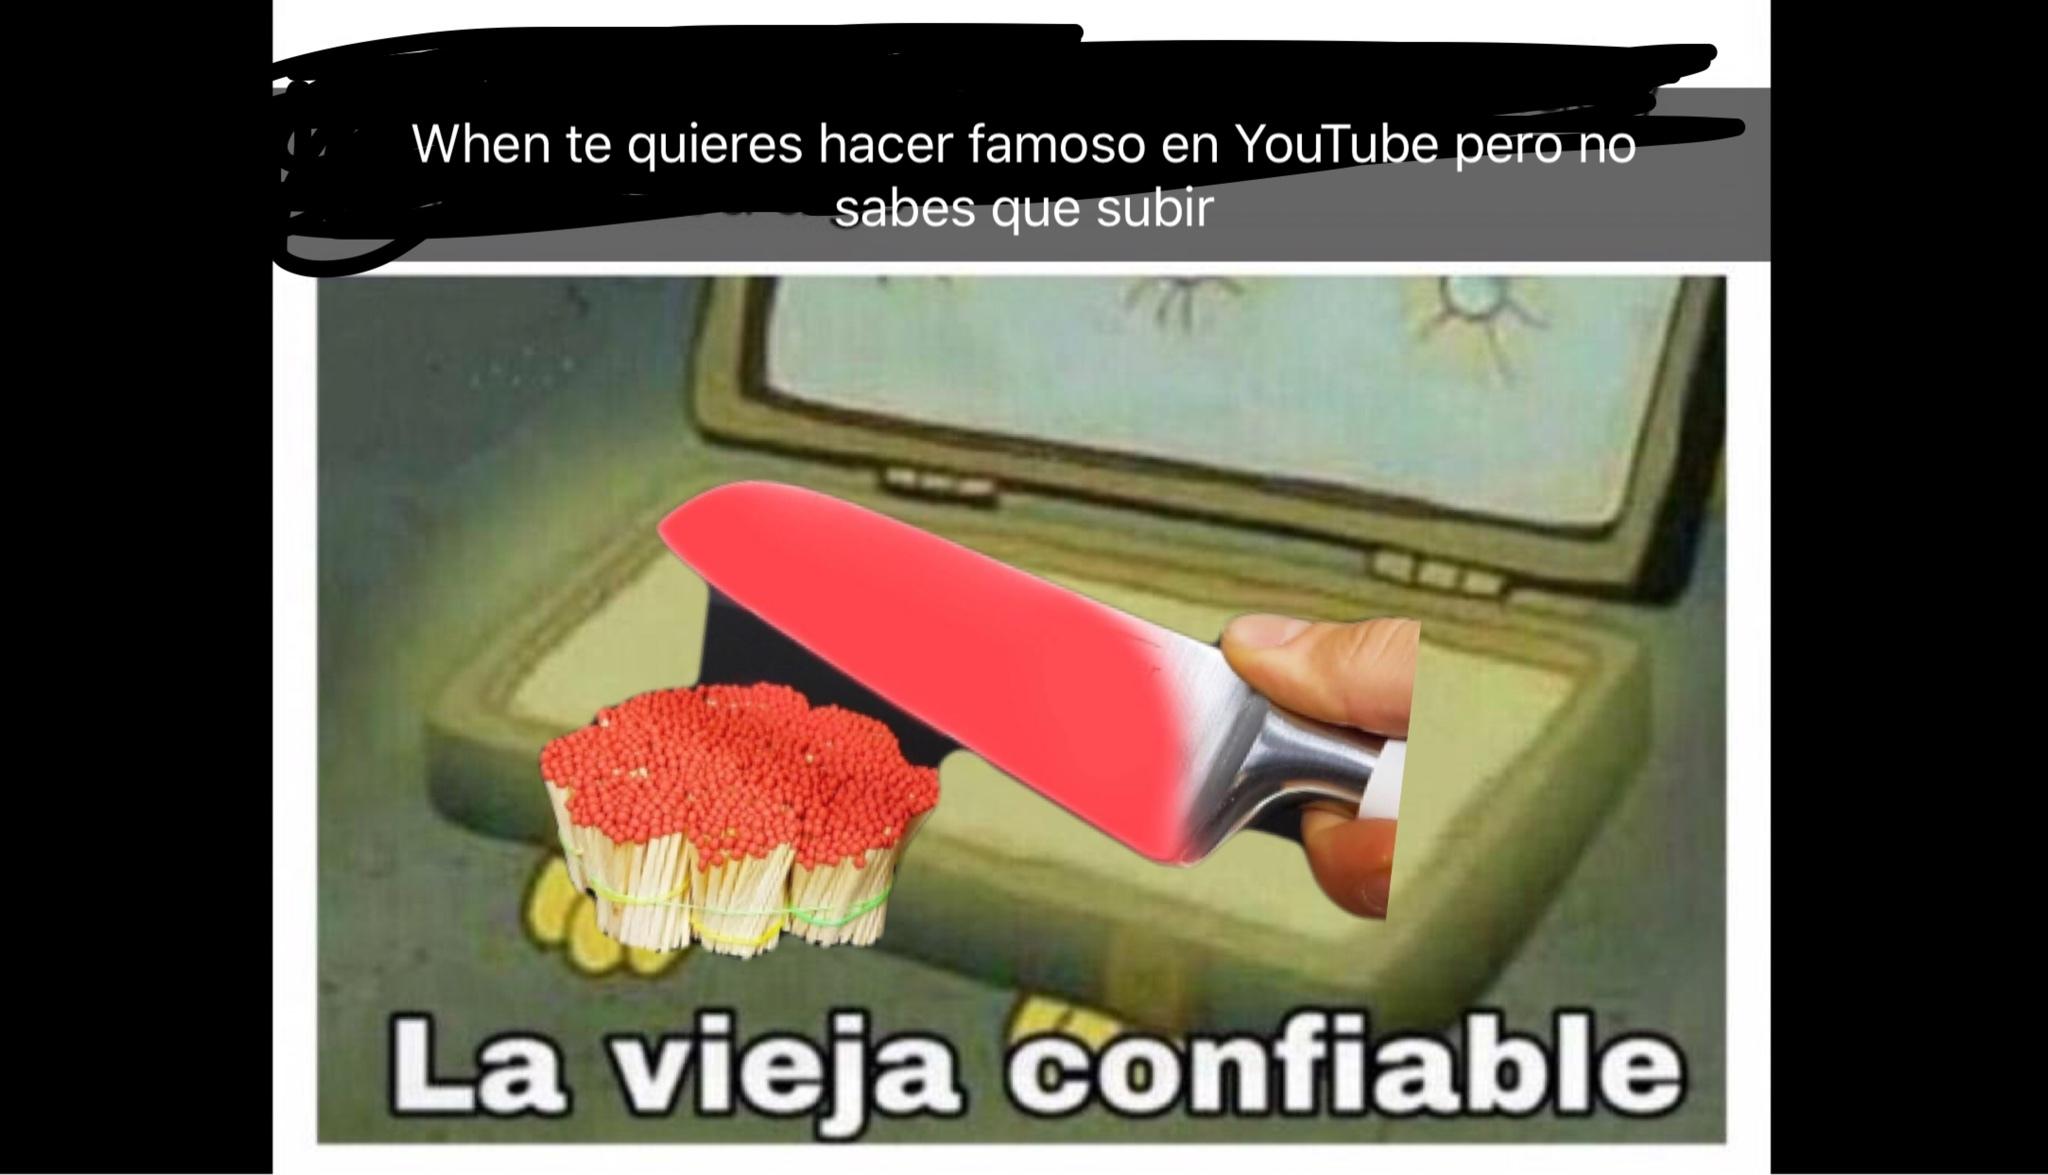 wexddxdxdxexd - meme